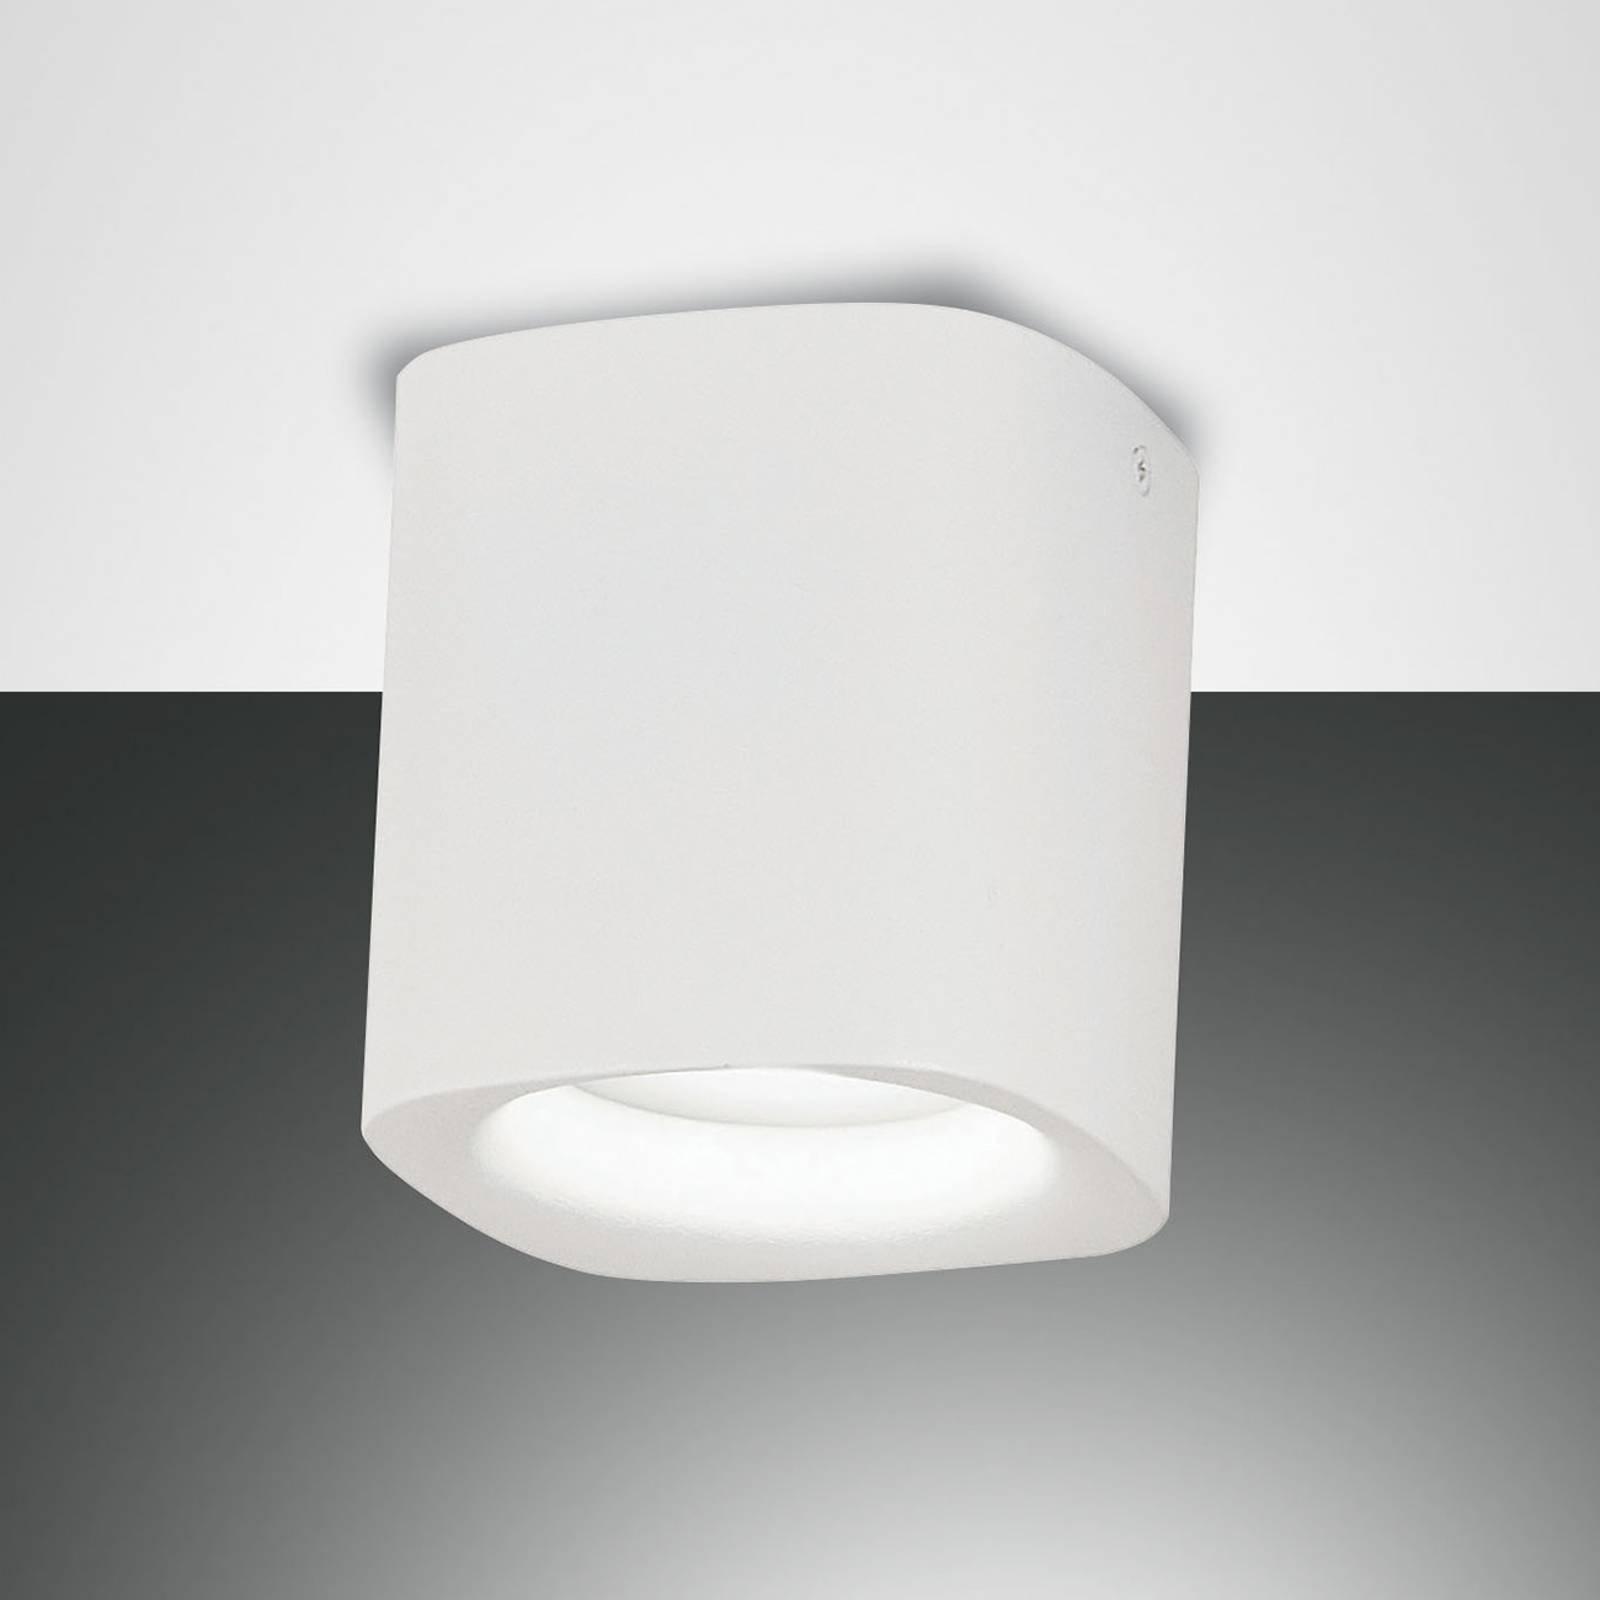 Taklampe Smooth, 1 lyskilde, hvit, IP44